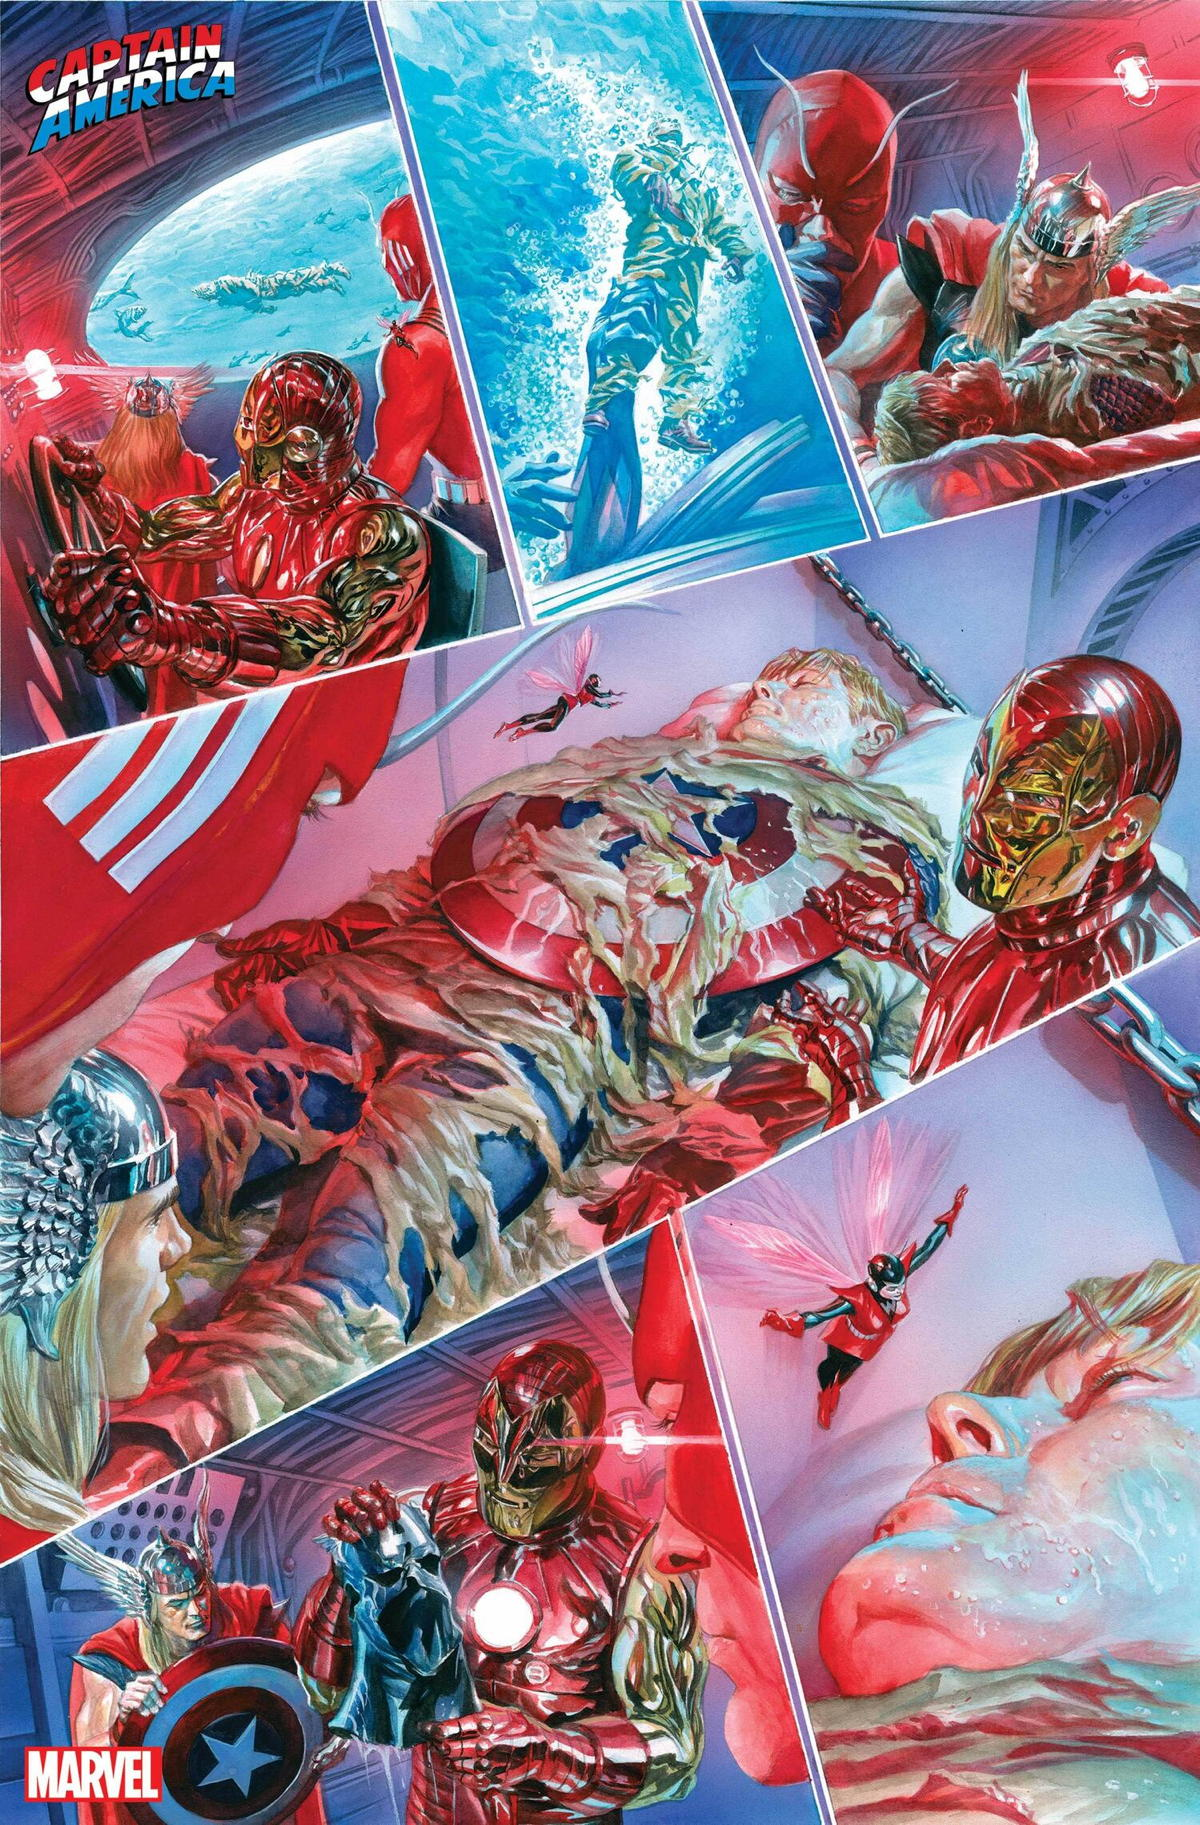 captainamerica80thanniversaryalexrosscmyk.jpg